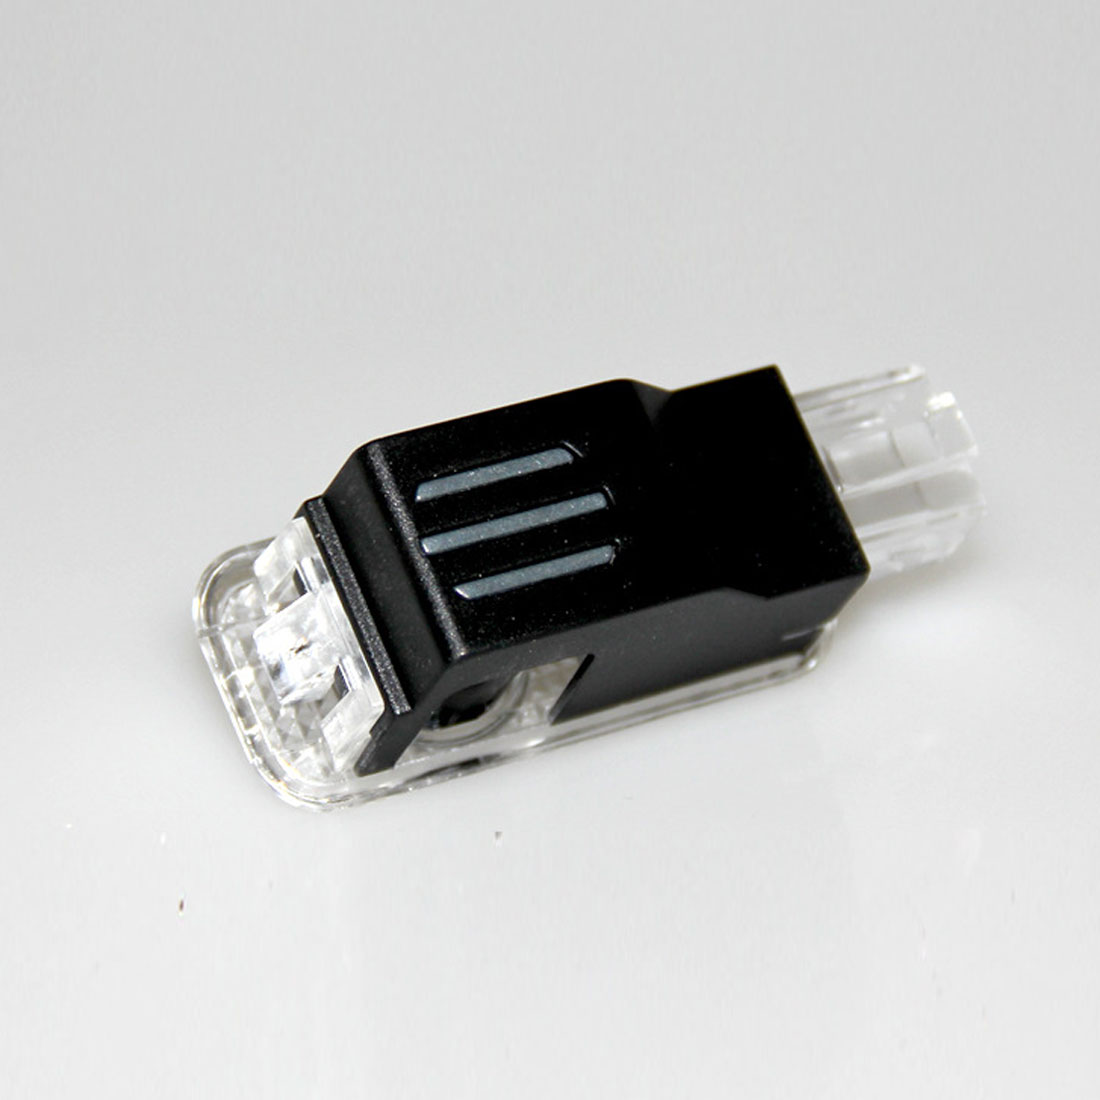 Tonewan 2 LED Car Door Courtesy Logo Light Shadow Projector Laser for Audi A8L A7 A6L Q3 A4L A4A6 A1 R8 Q7 Q5 TT A8